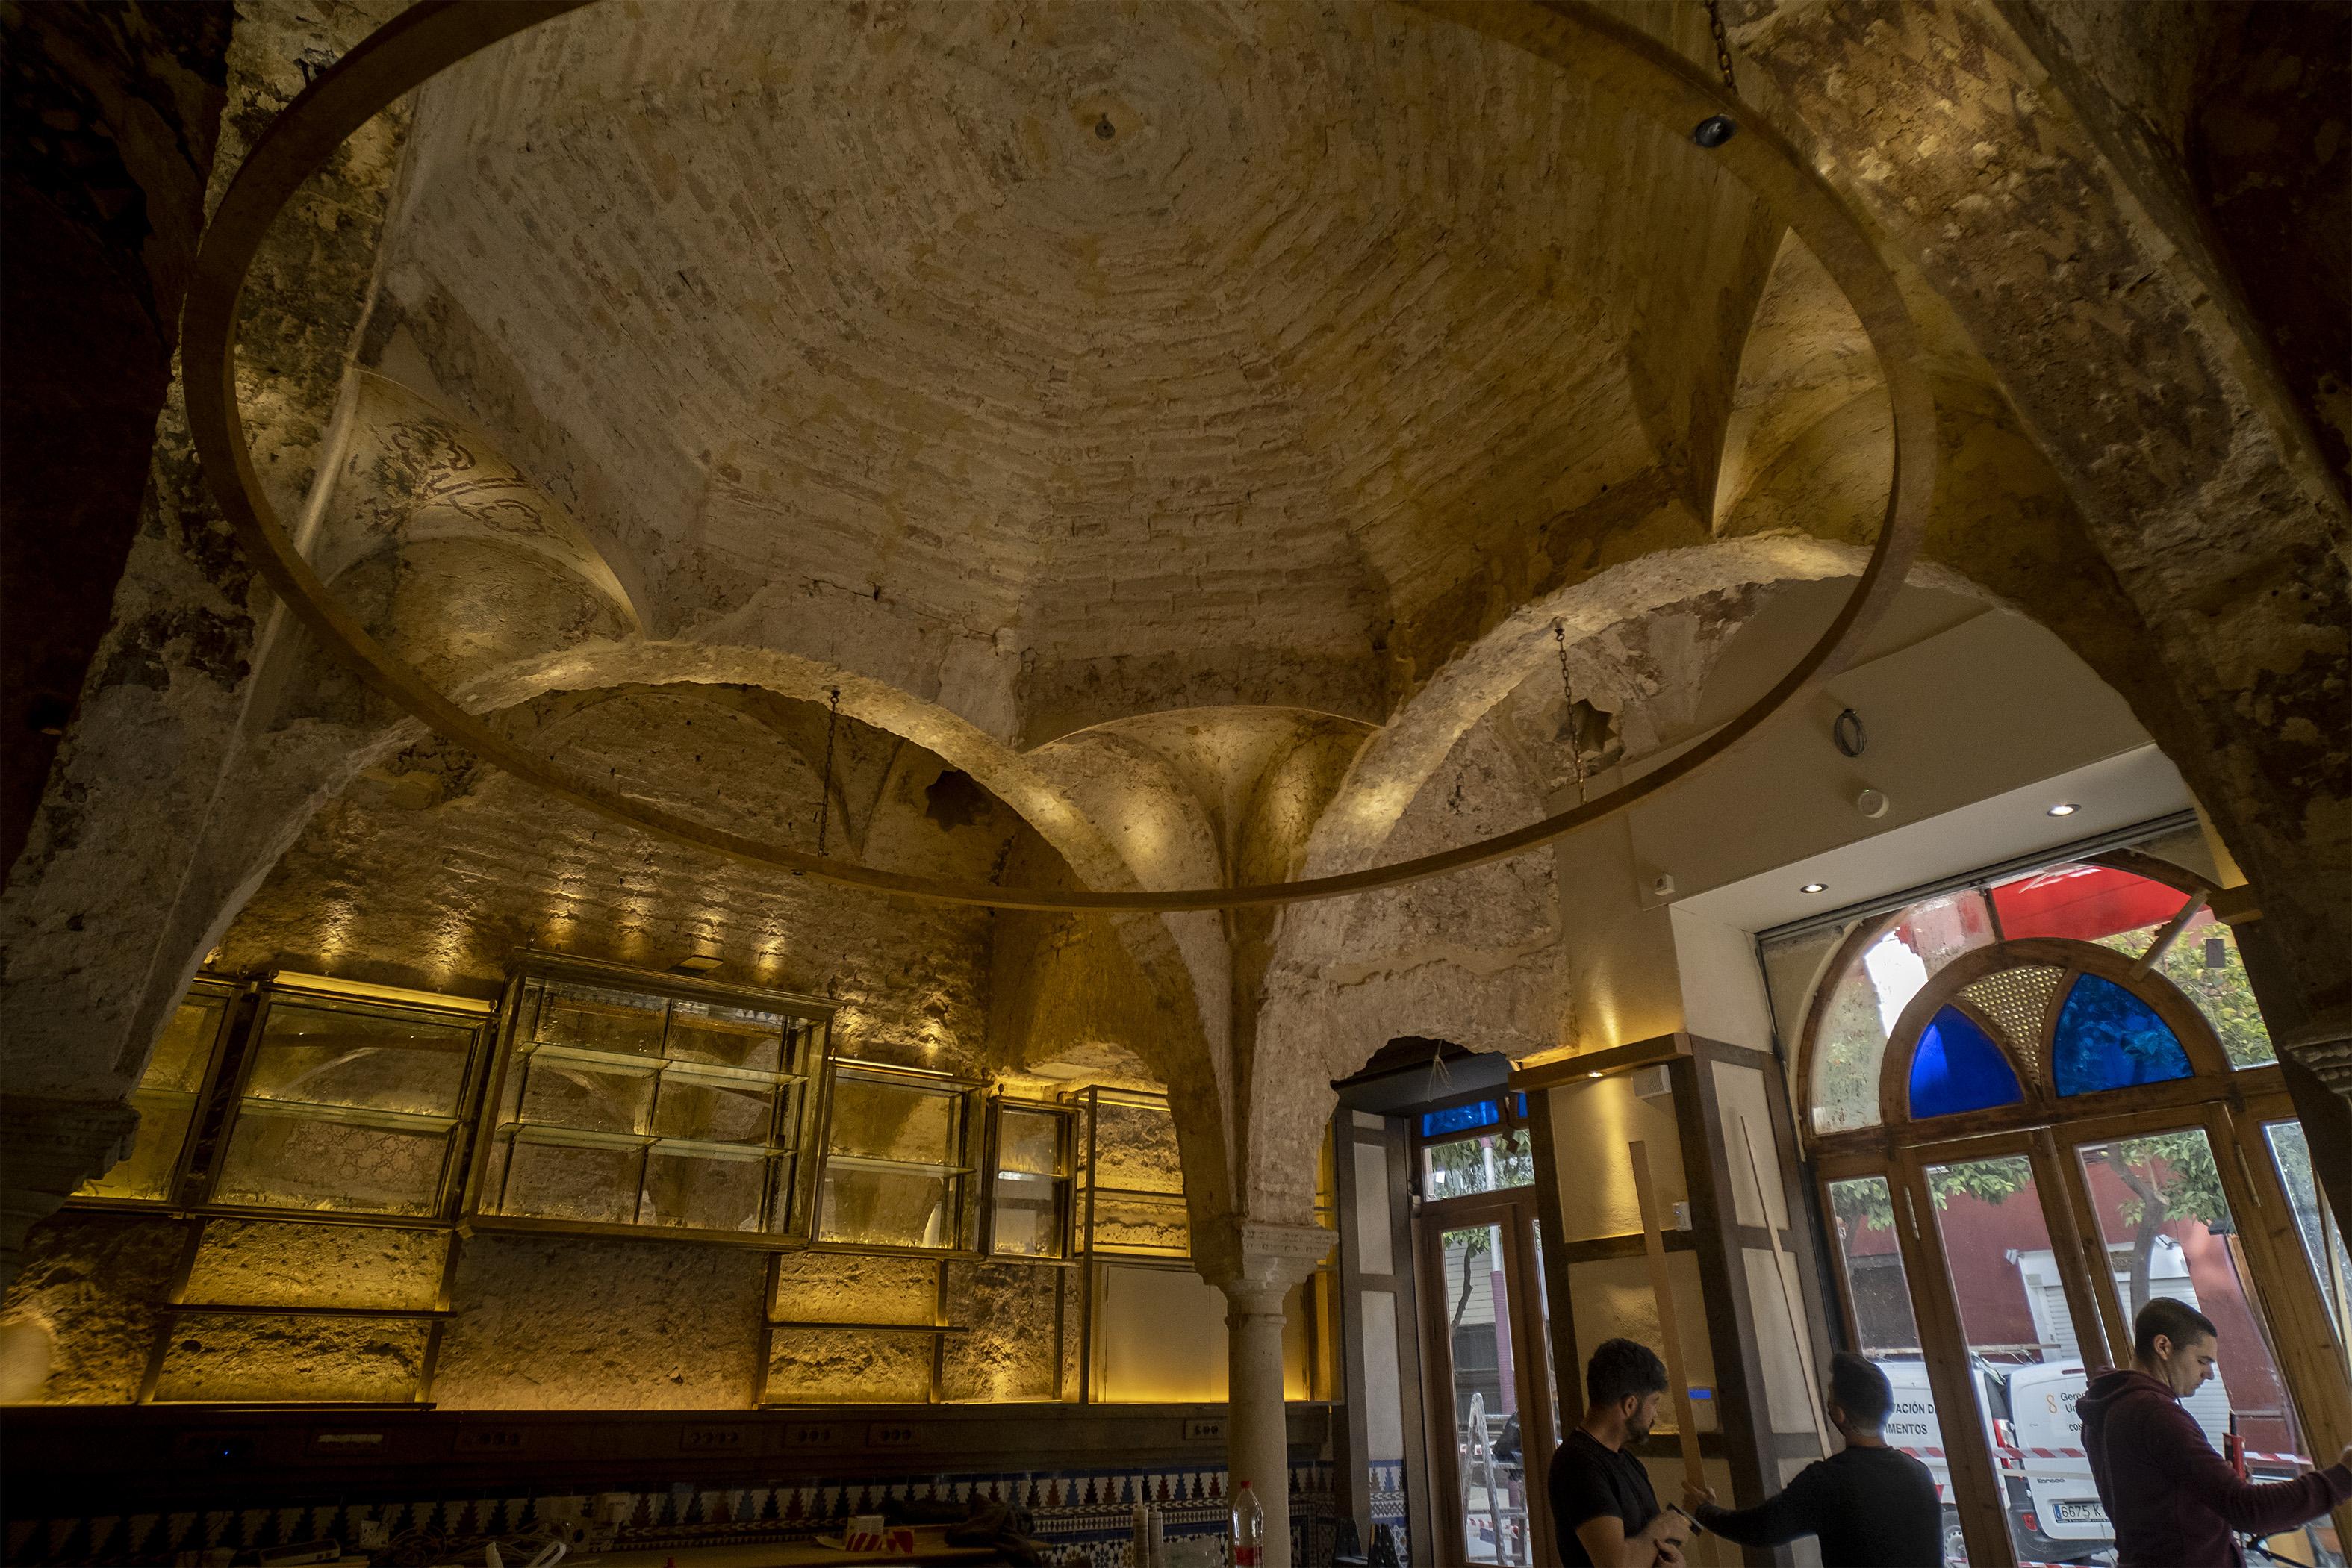 Las Obras De Un Bar De Sevilla Desvelan Un Baño Islámico Del Siglo Xii Decorado En Su Totalidad Cultura El País